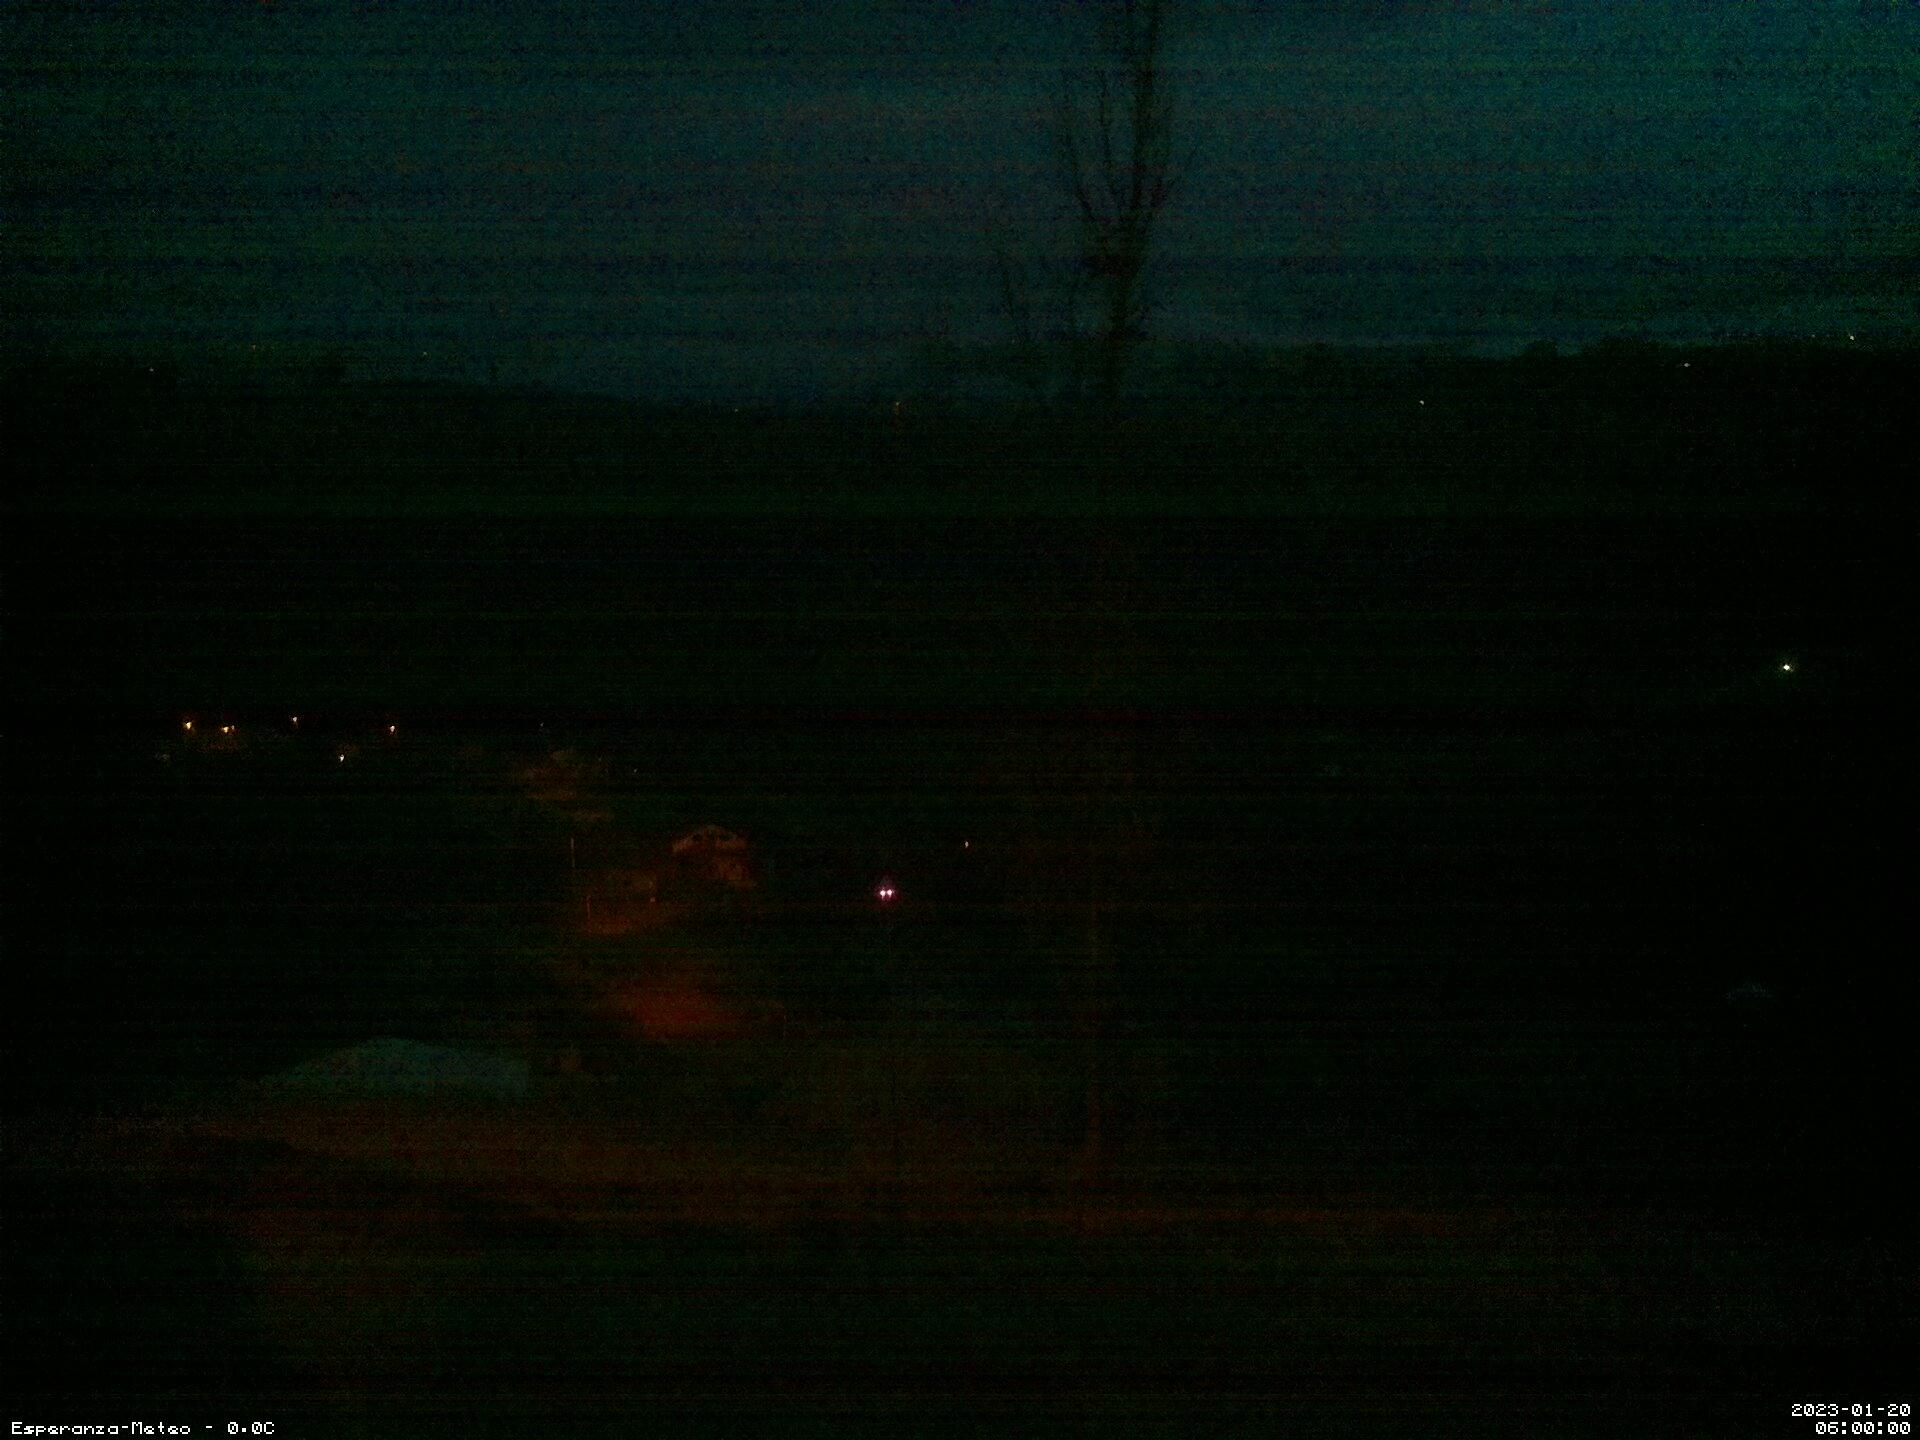 La Esperanza - Der Gemeinde